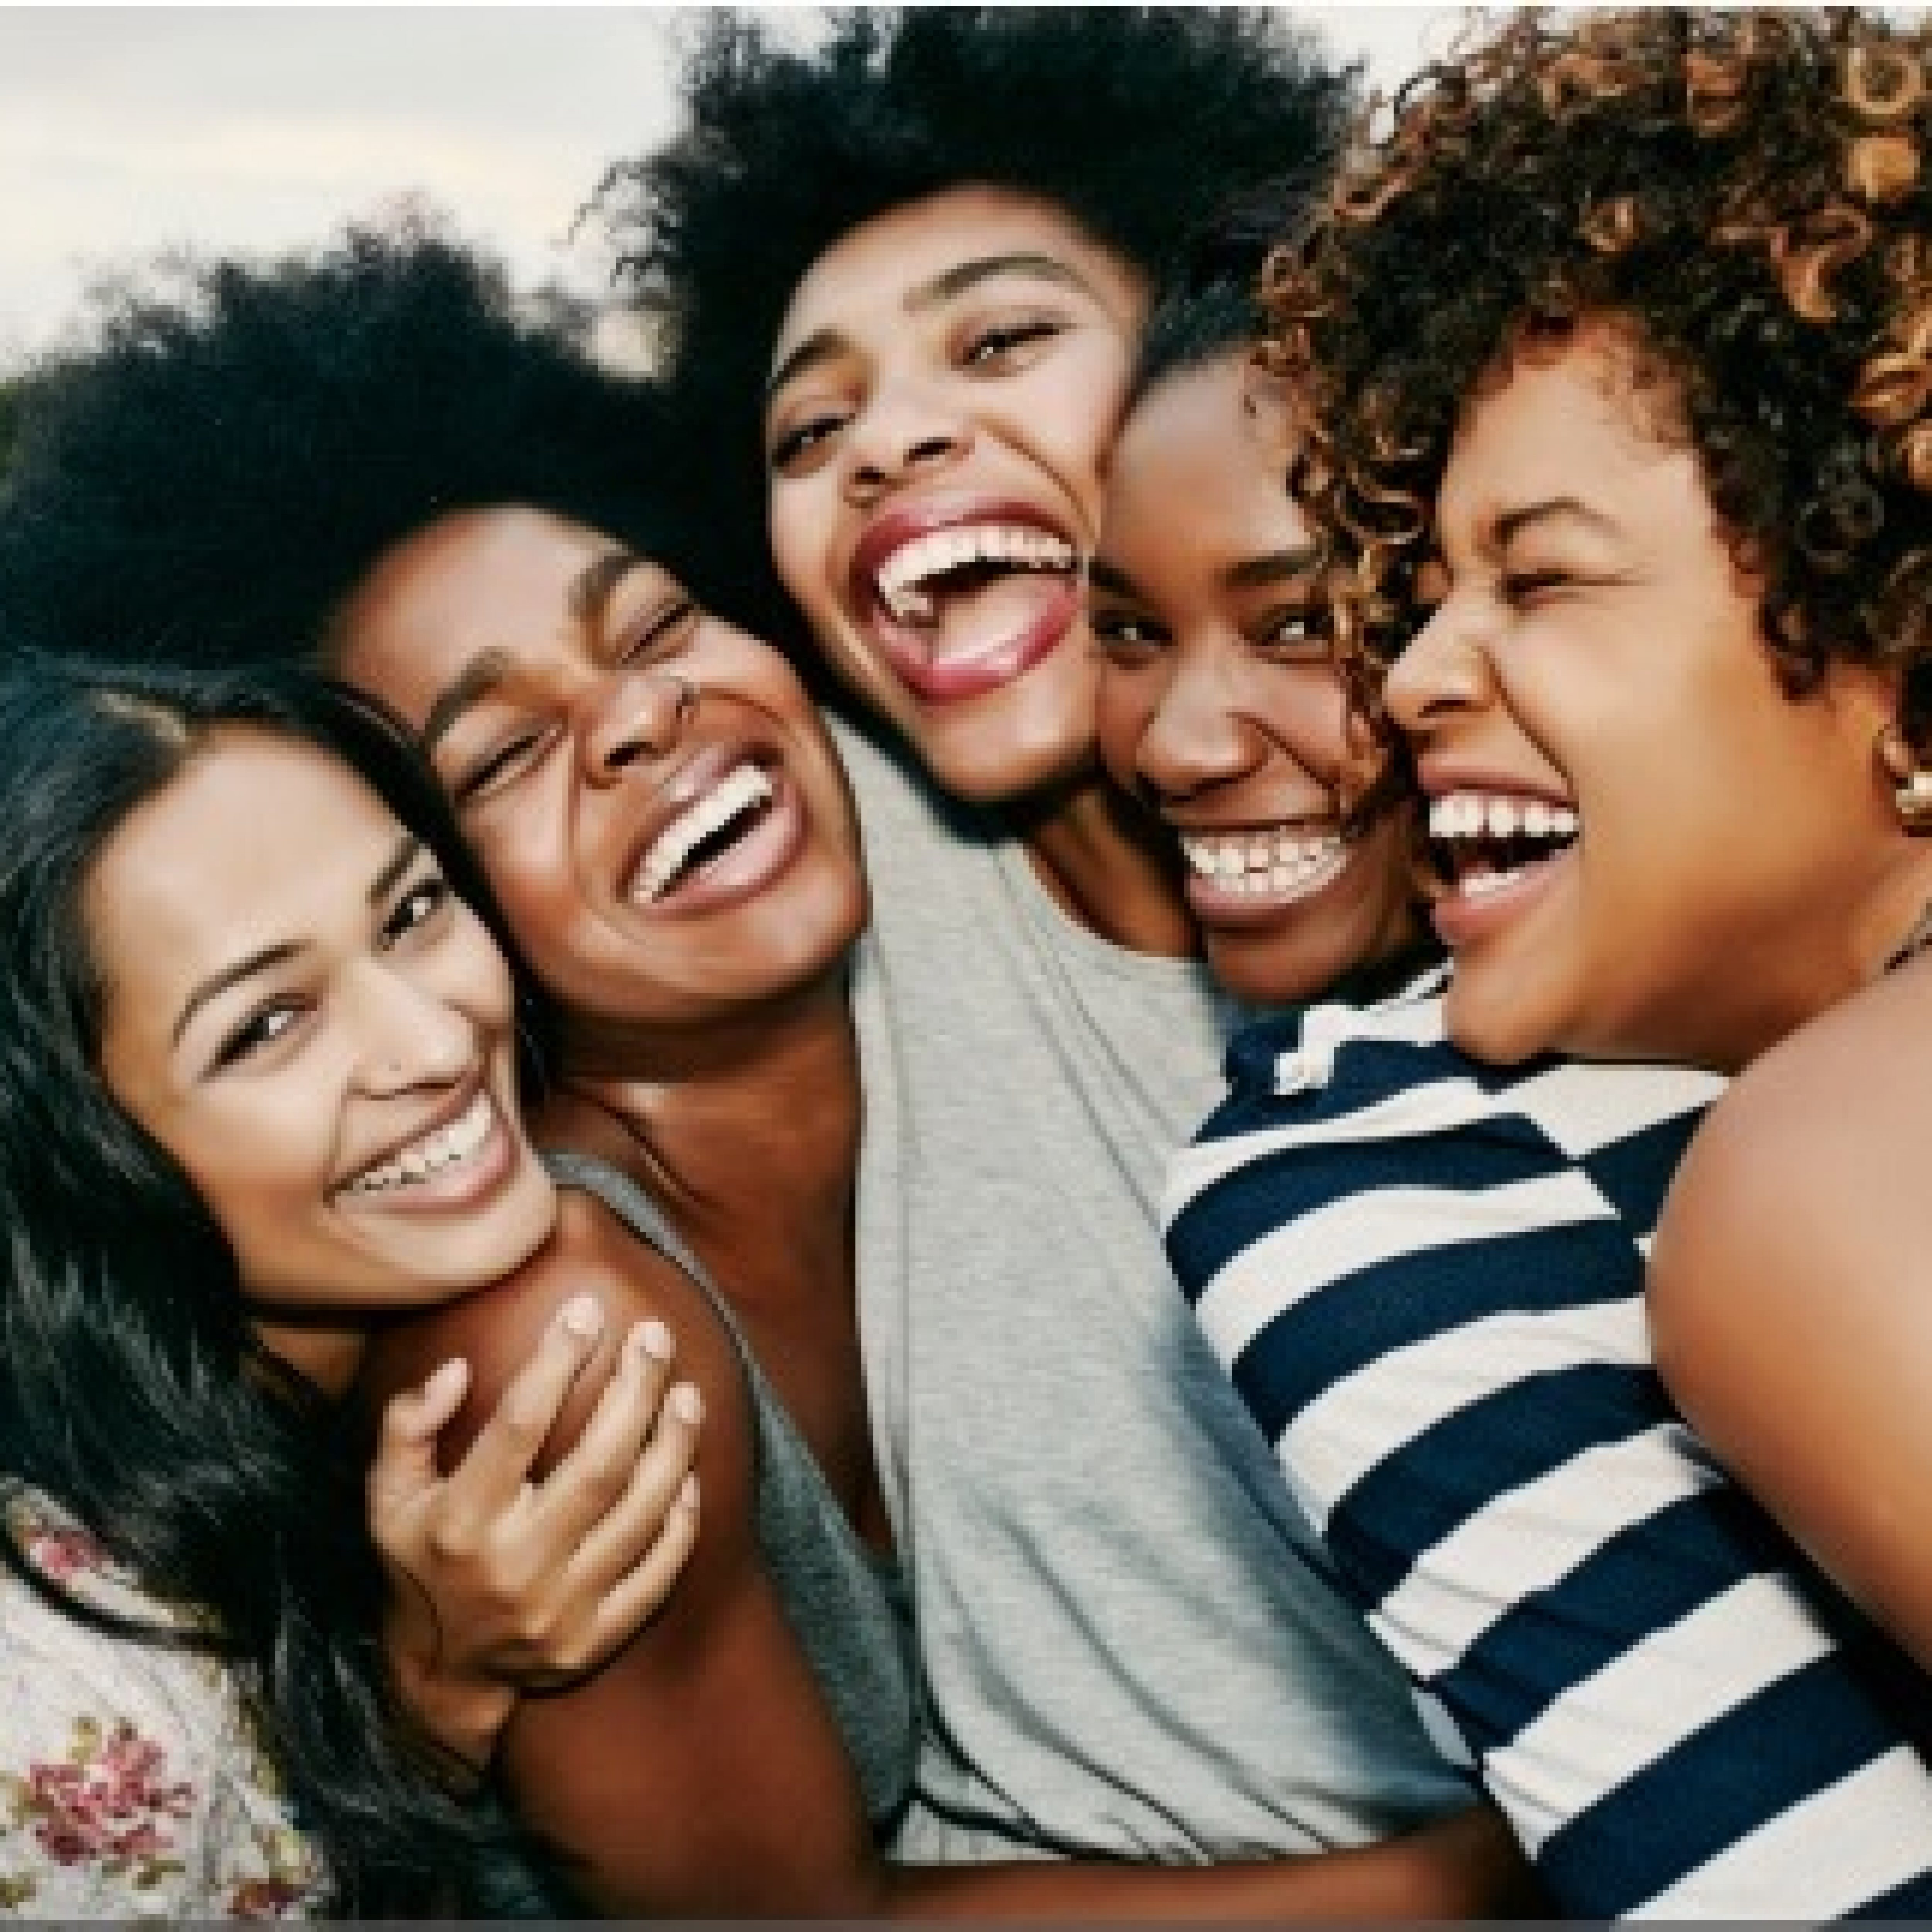 Black women in group